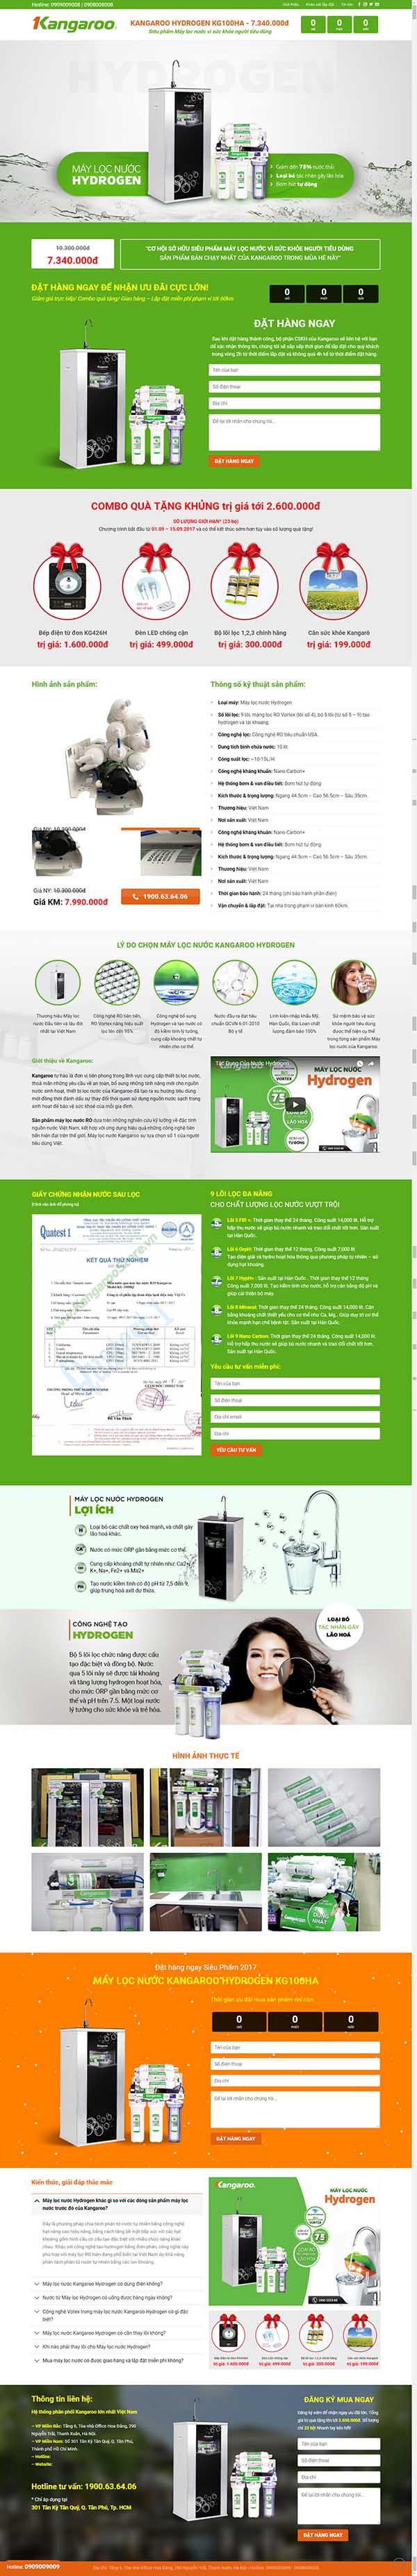 Thiết kế Mẫu website điện máy DM11